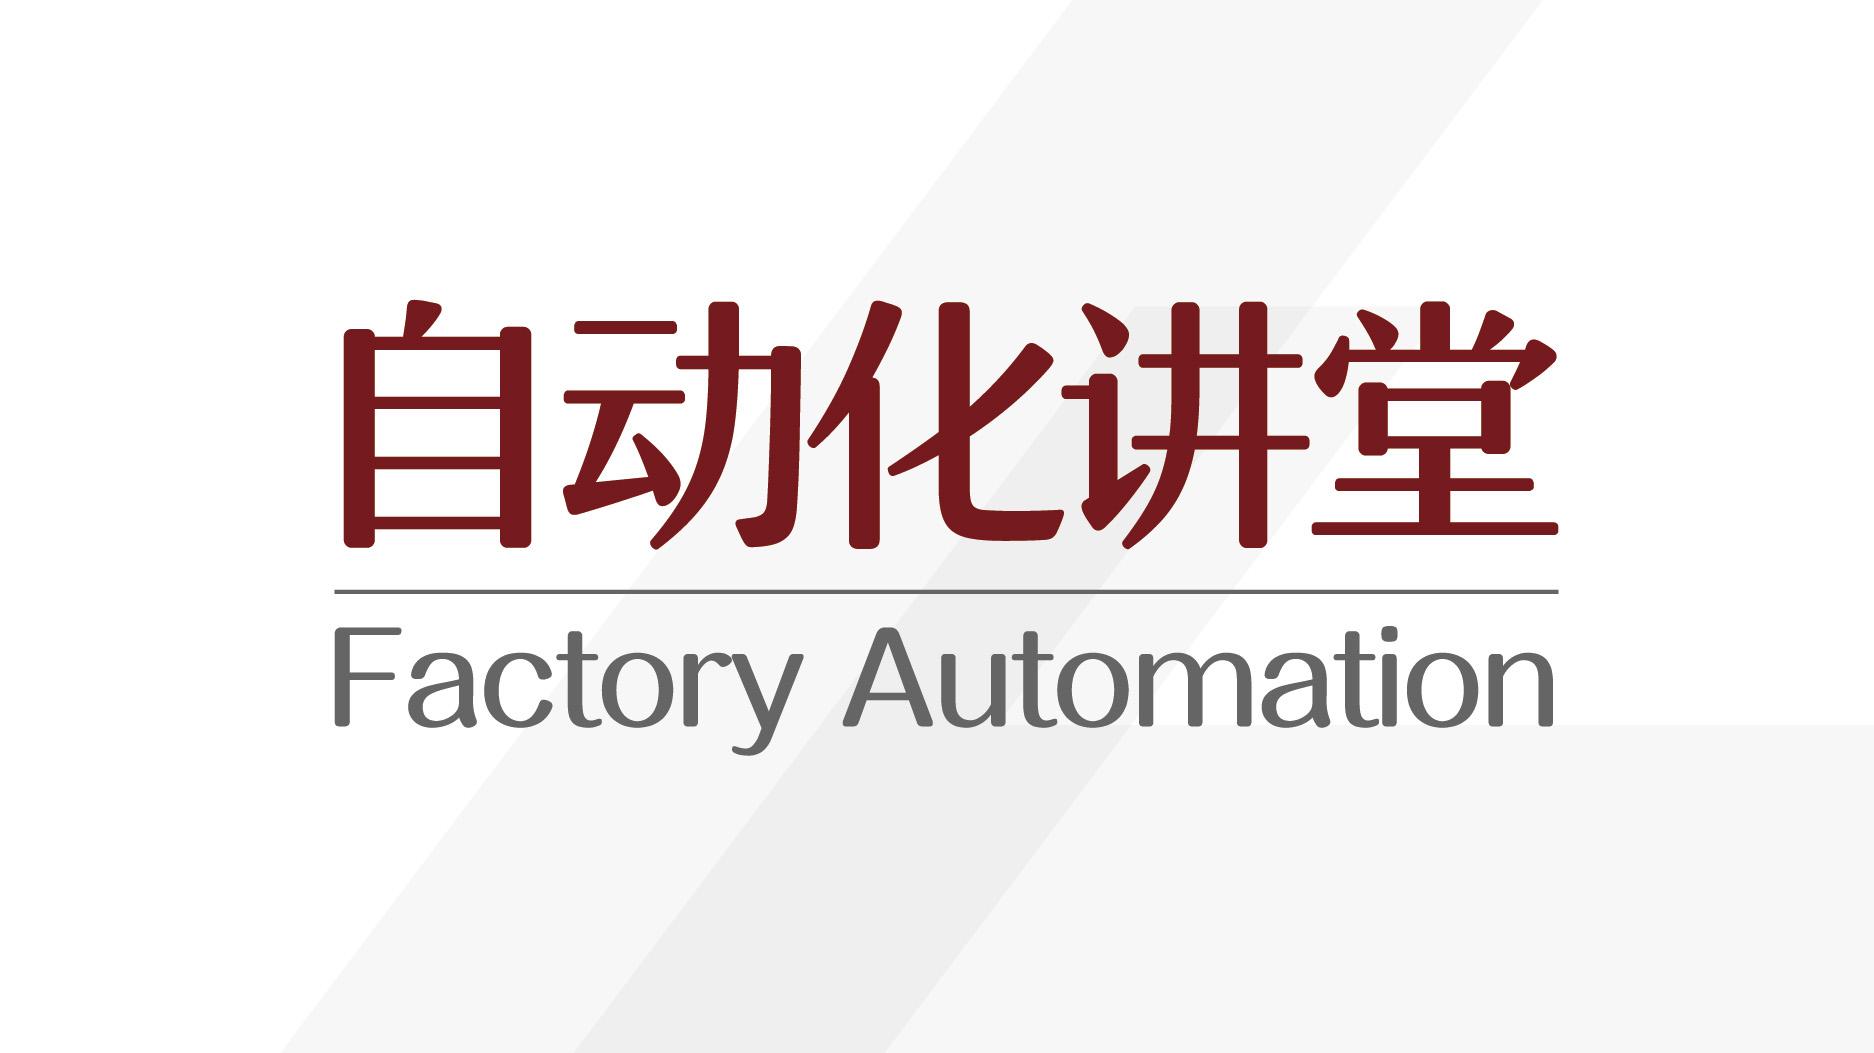 伺服系统 MR Configurator2 一键式增益调整功能介绍